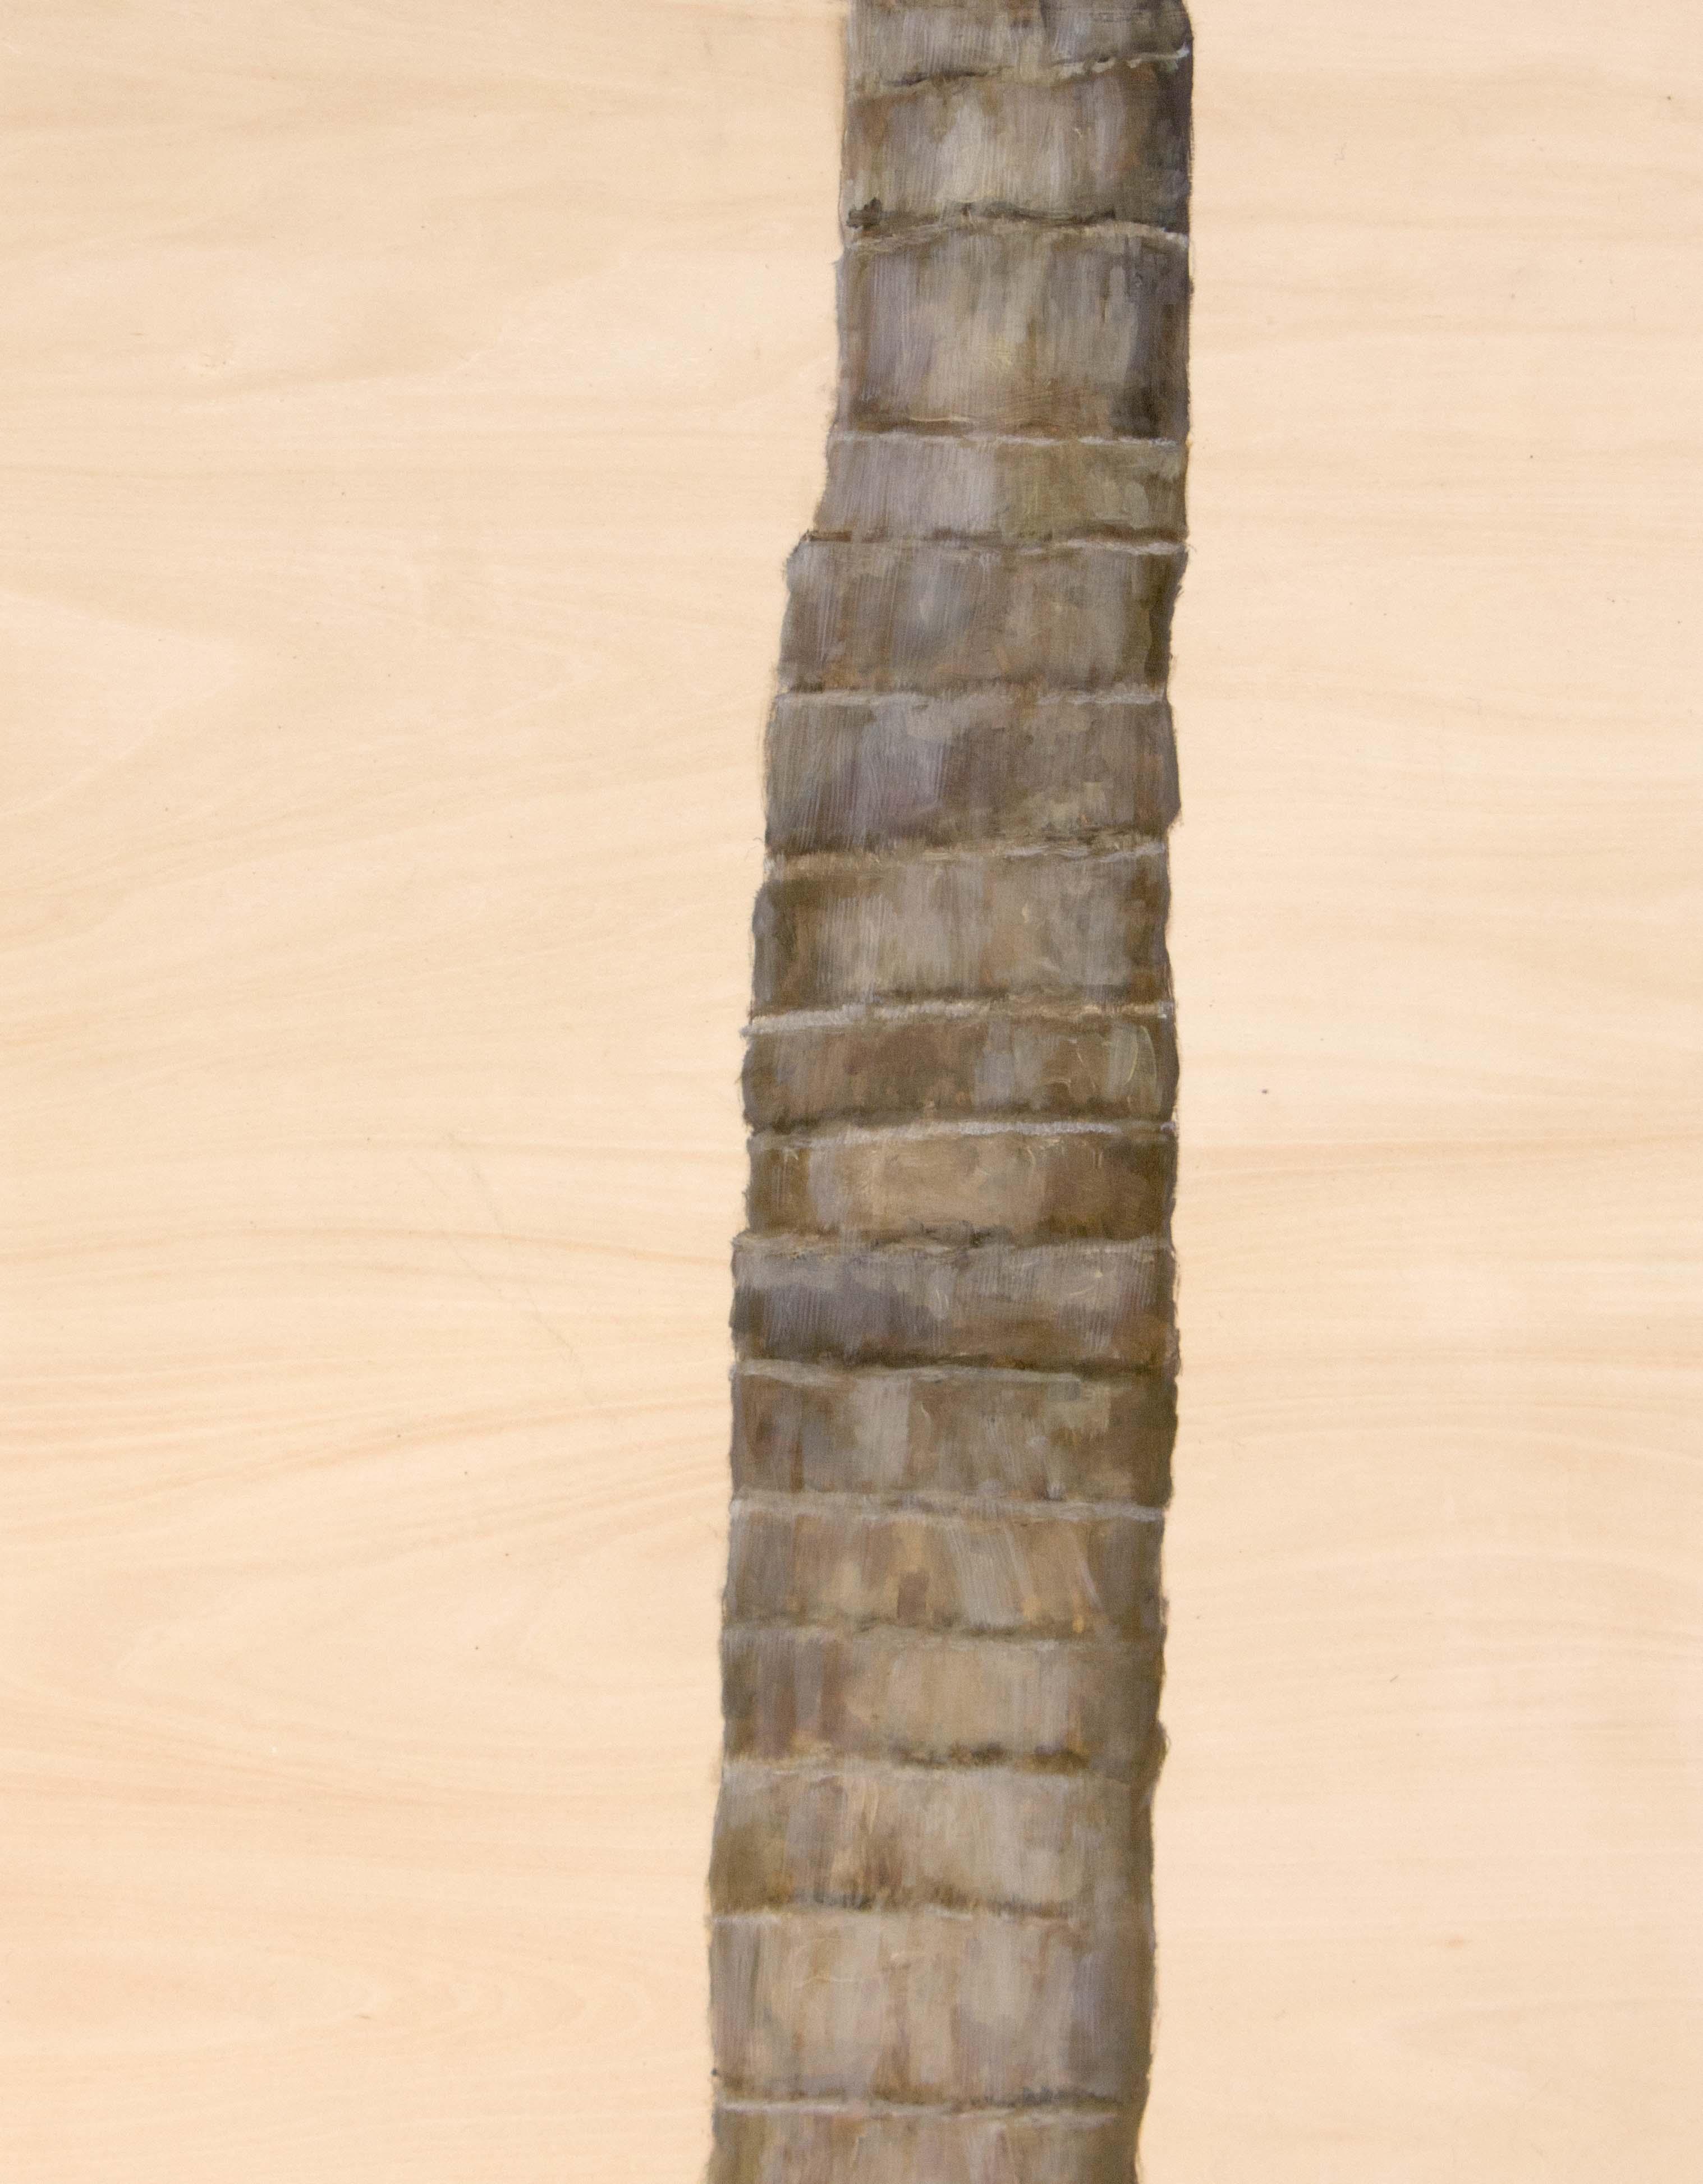 TreeStudy#3